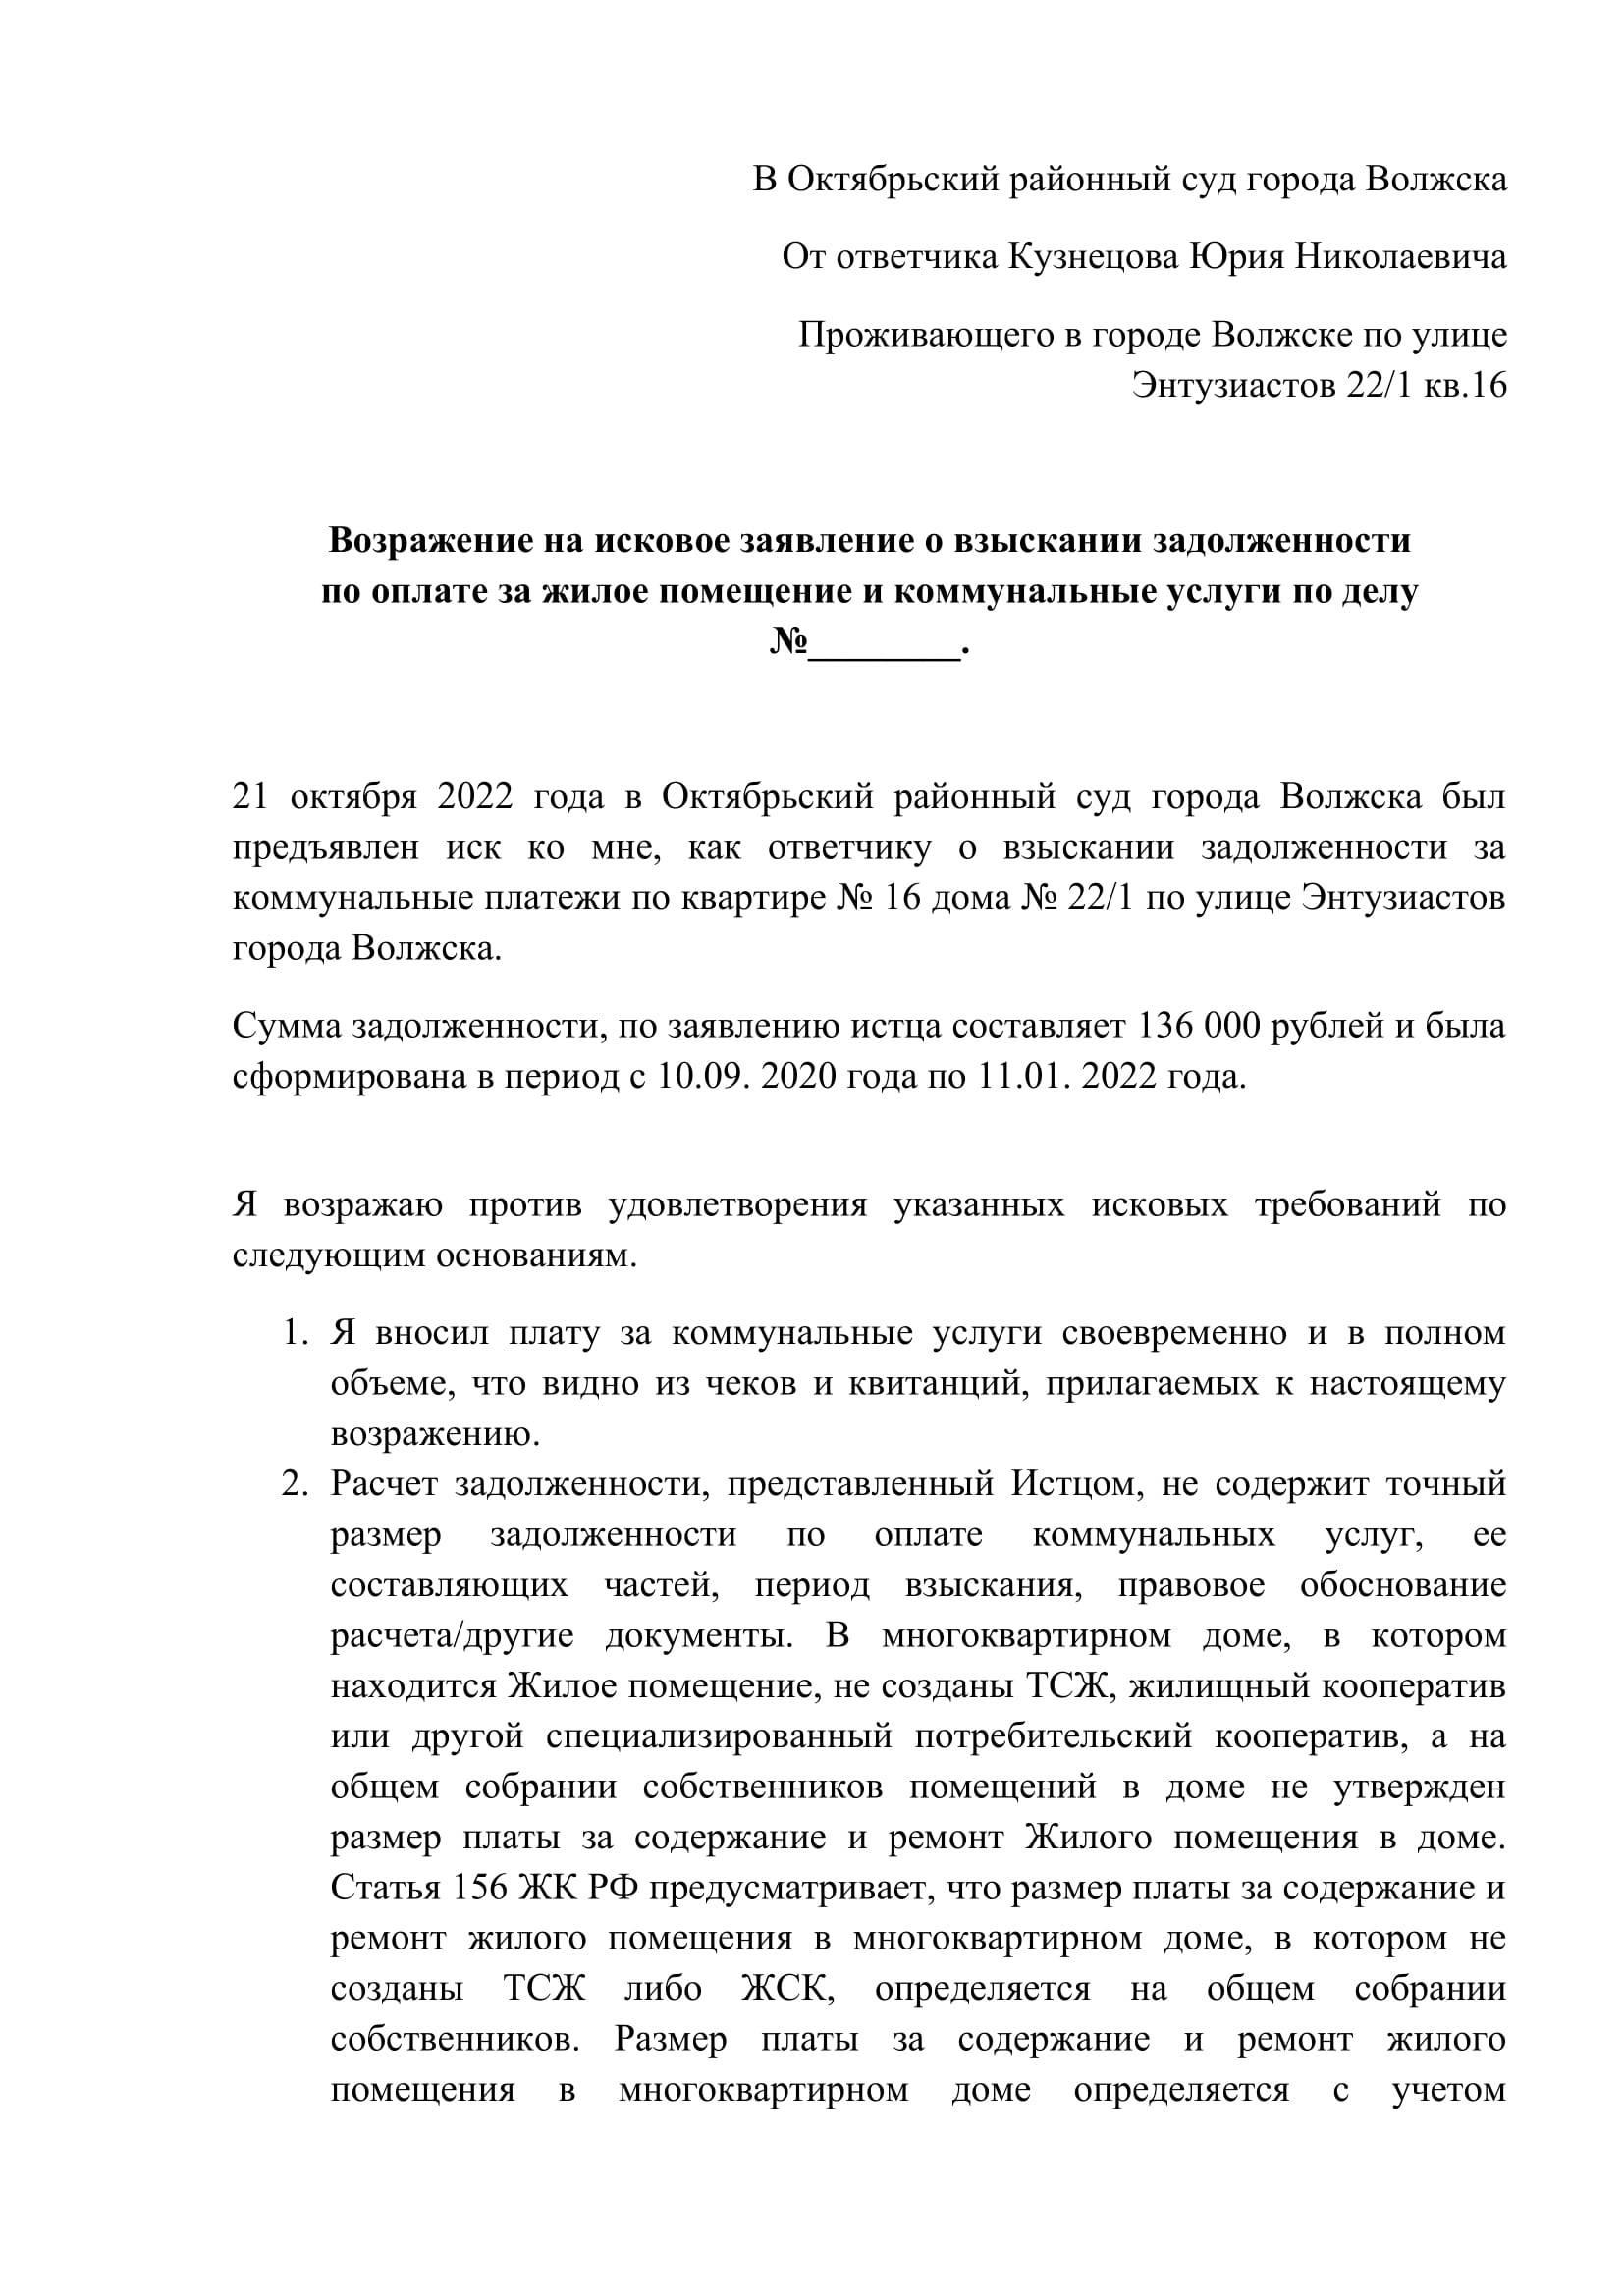 Взыскание задолженности за жилищно-коммунальные услуги в суде: подготовка документов для подачи иска